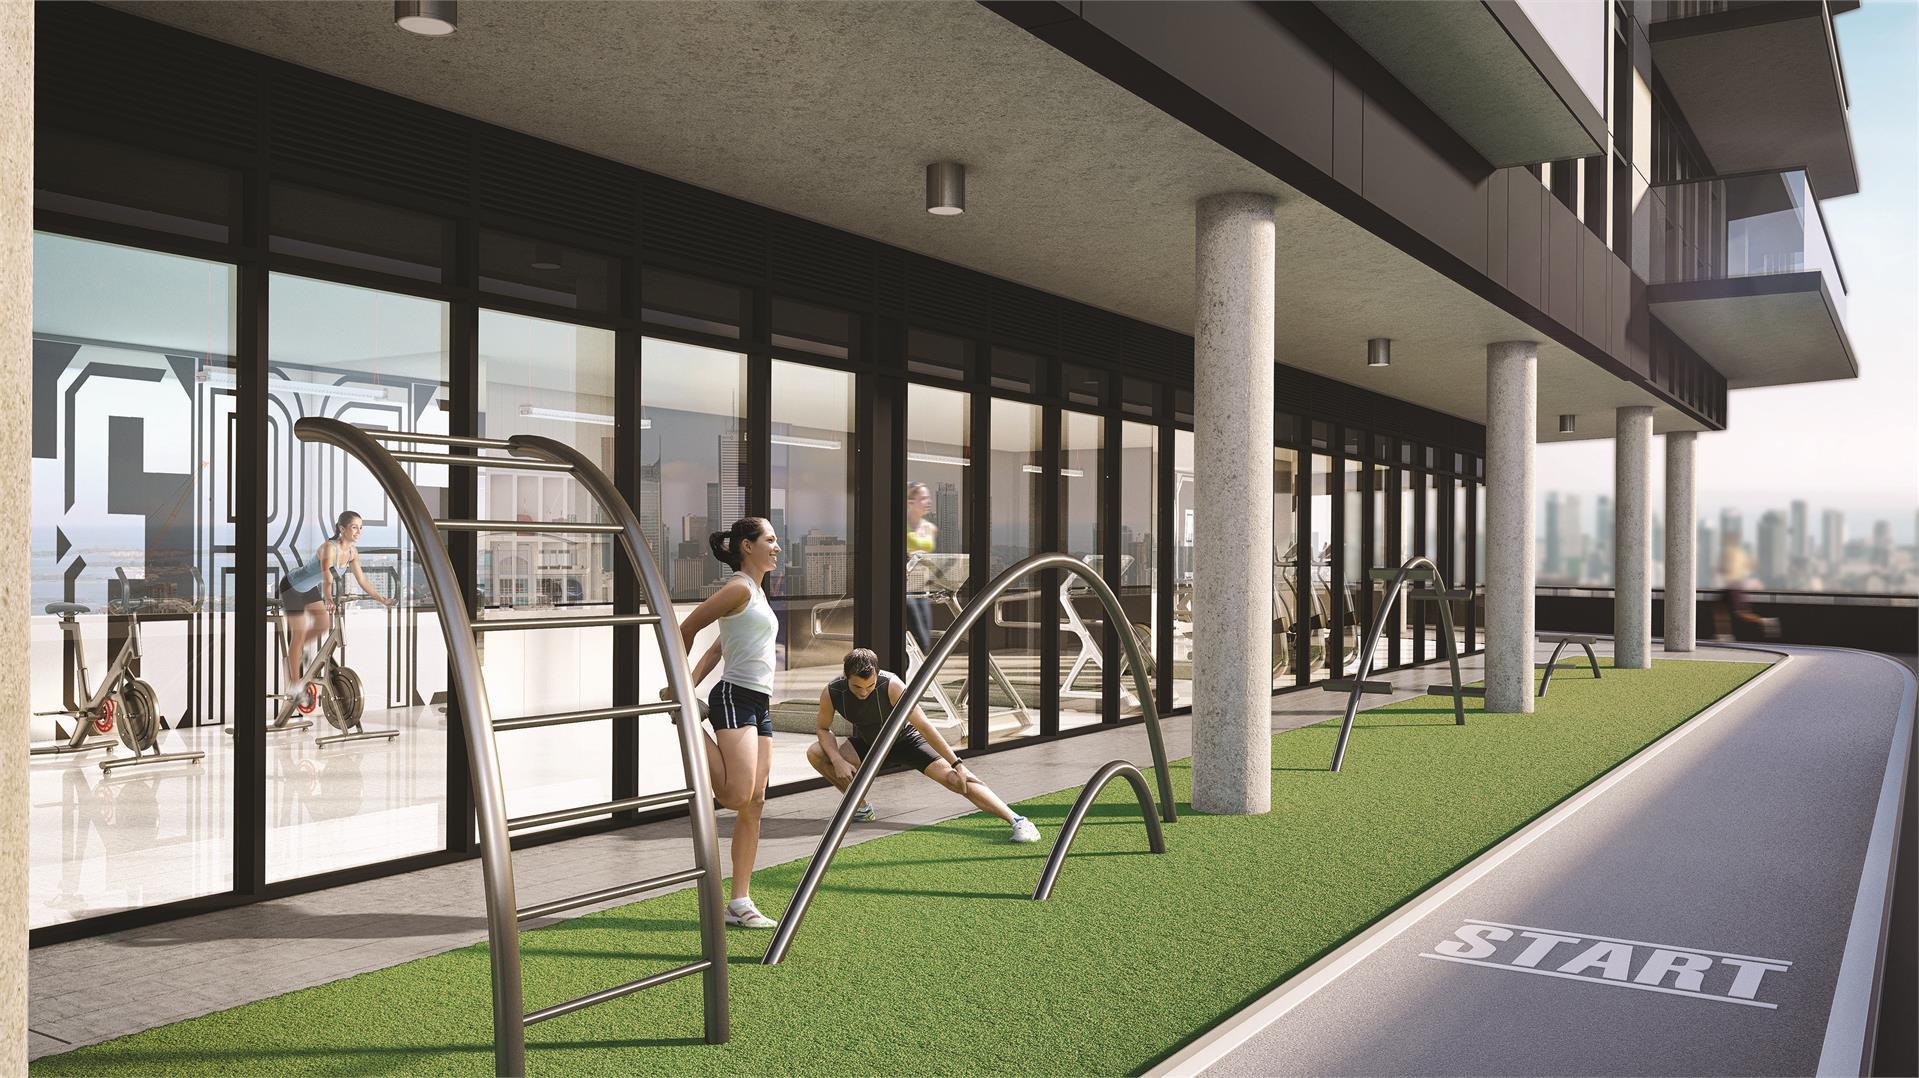 159SW Condos Fitness Center Toronto, Canada